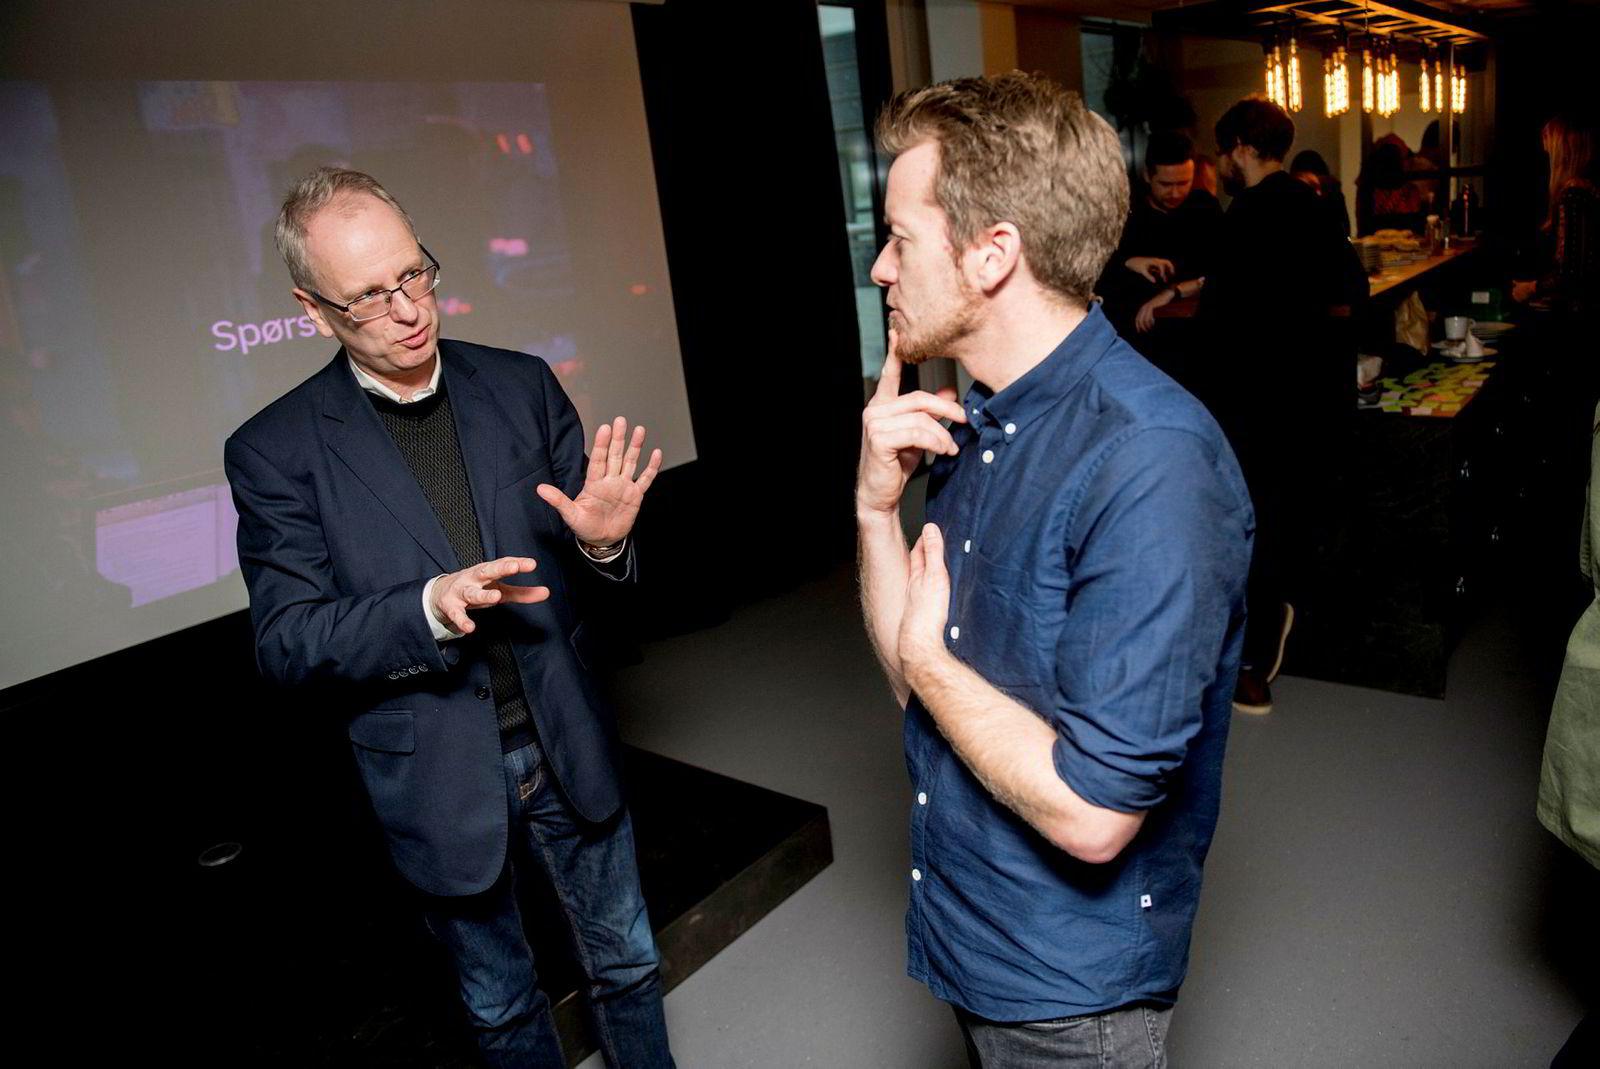 Filosof Henrik Syse i samtale med Preben Carlsen.